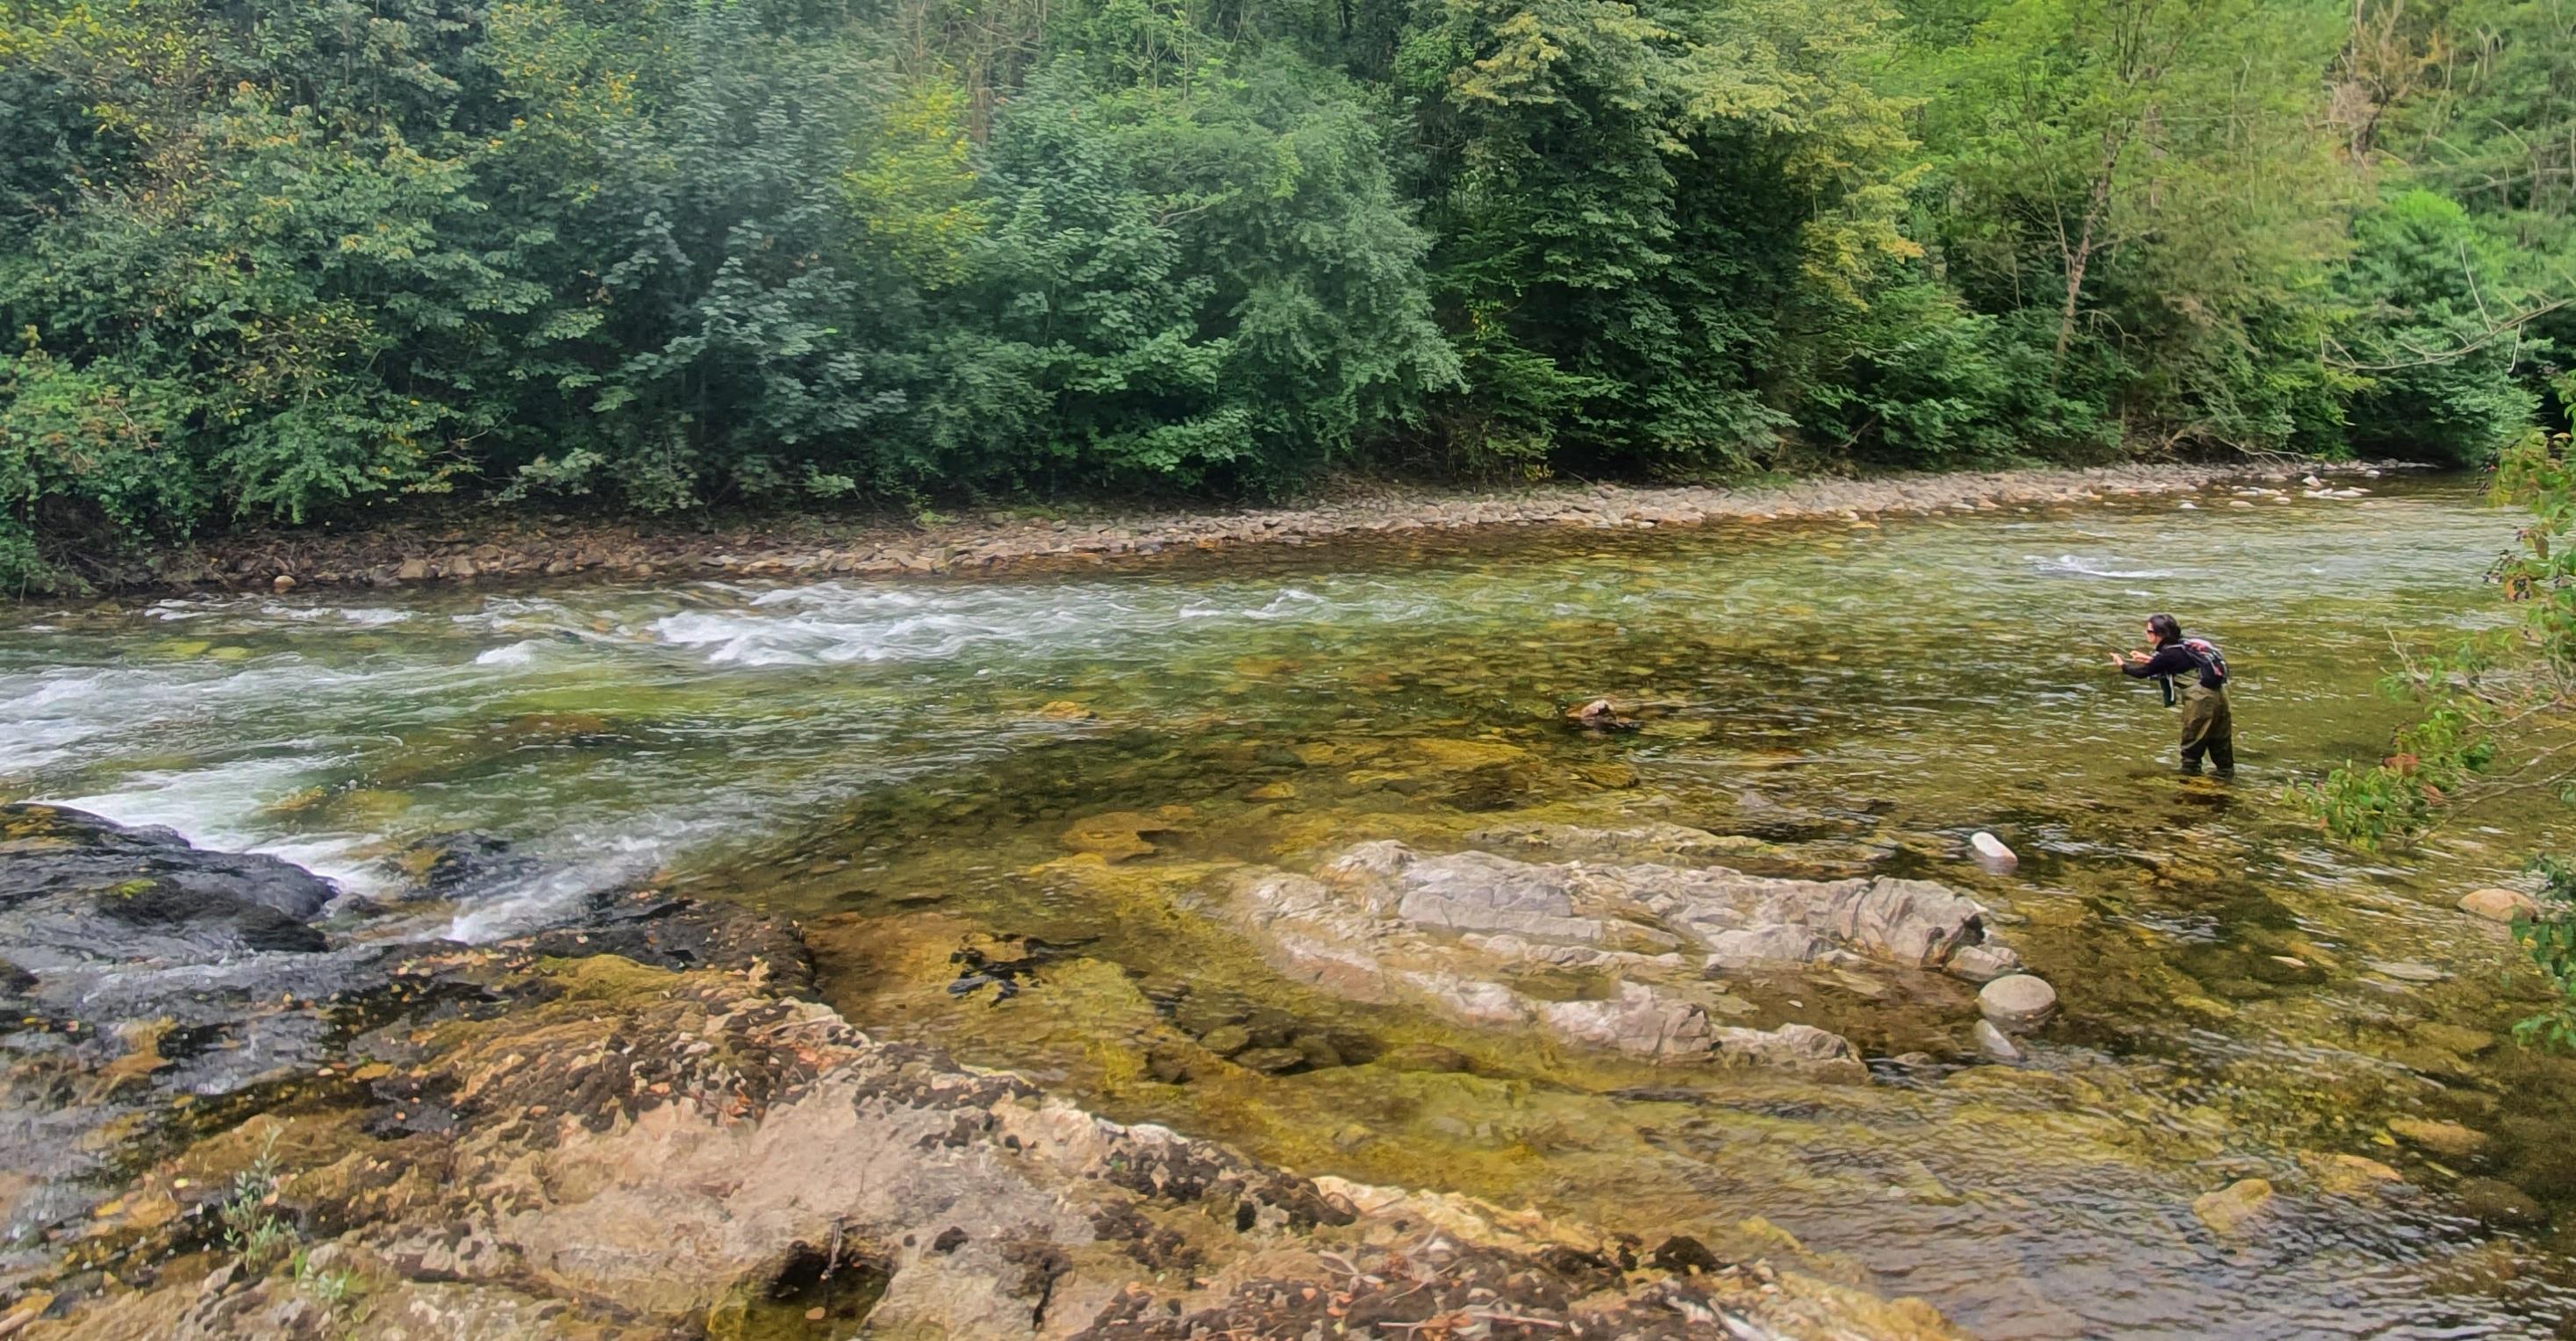 Pêche Toc à longue distance en grand cours d'eau sur rivière Salat